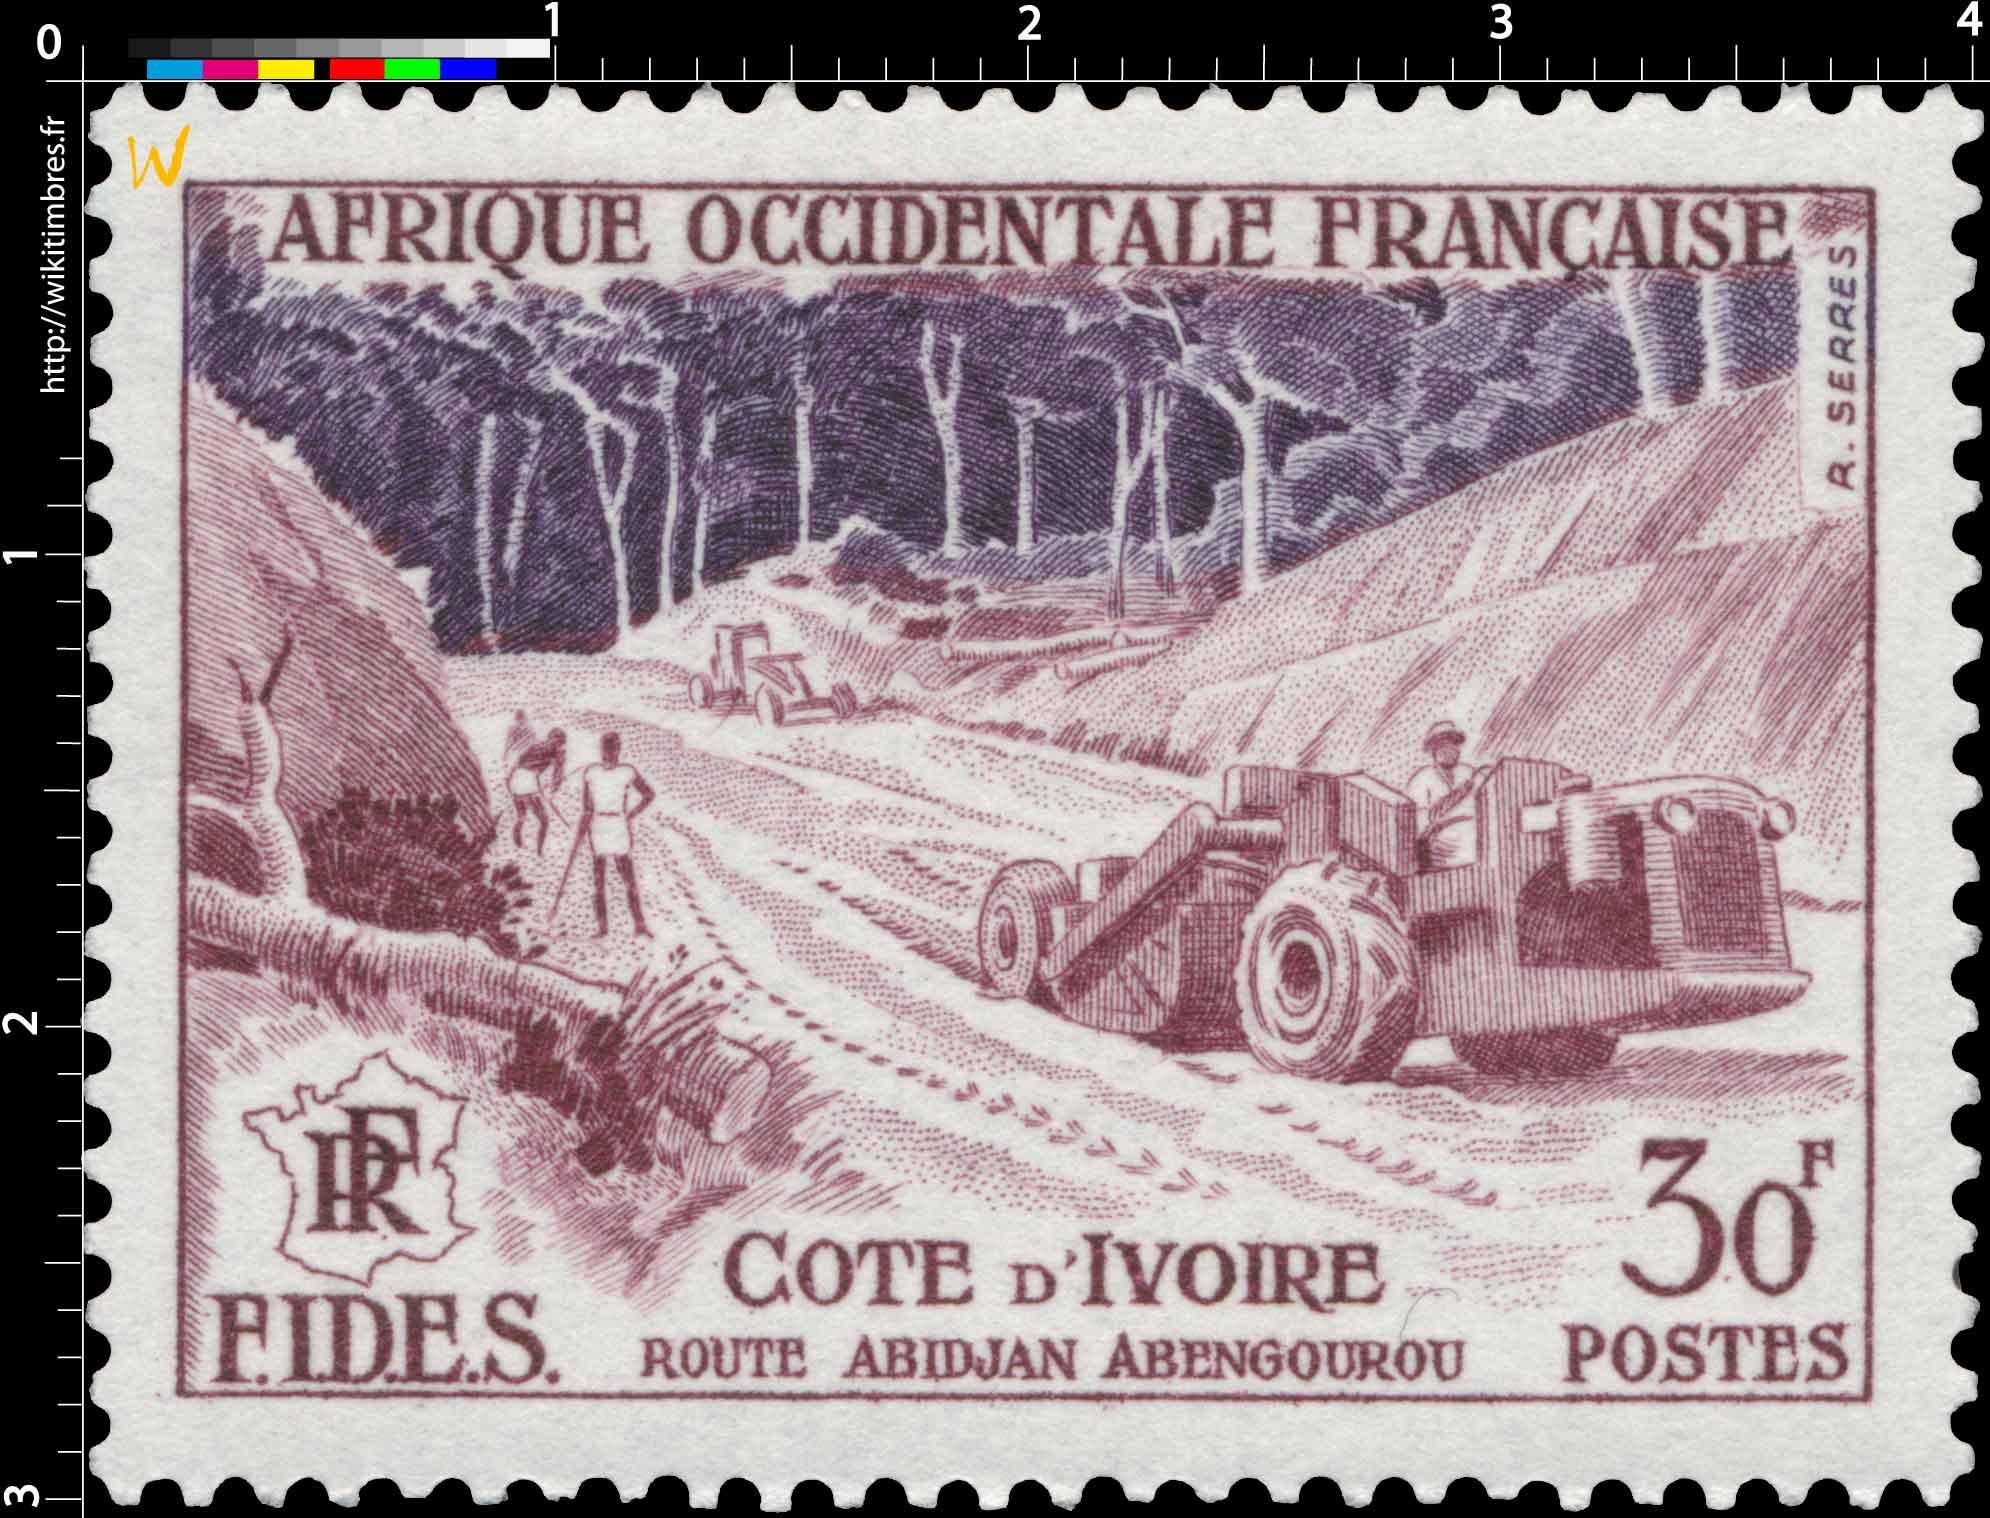 Afrique Occidentale Française - F.I.D.E.S. - Route Abidjan Abengourou Côte d'Ivoire